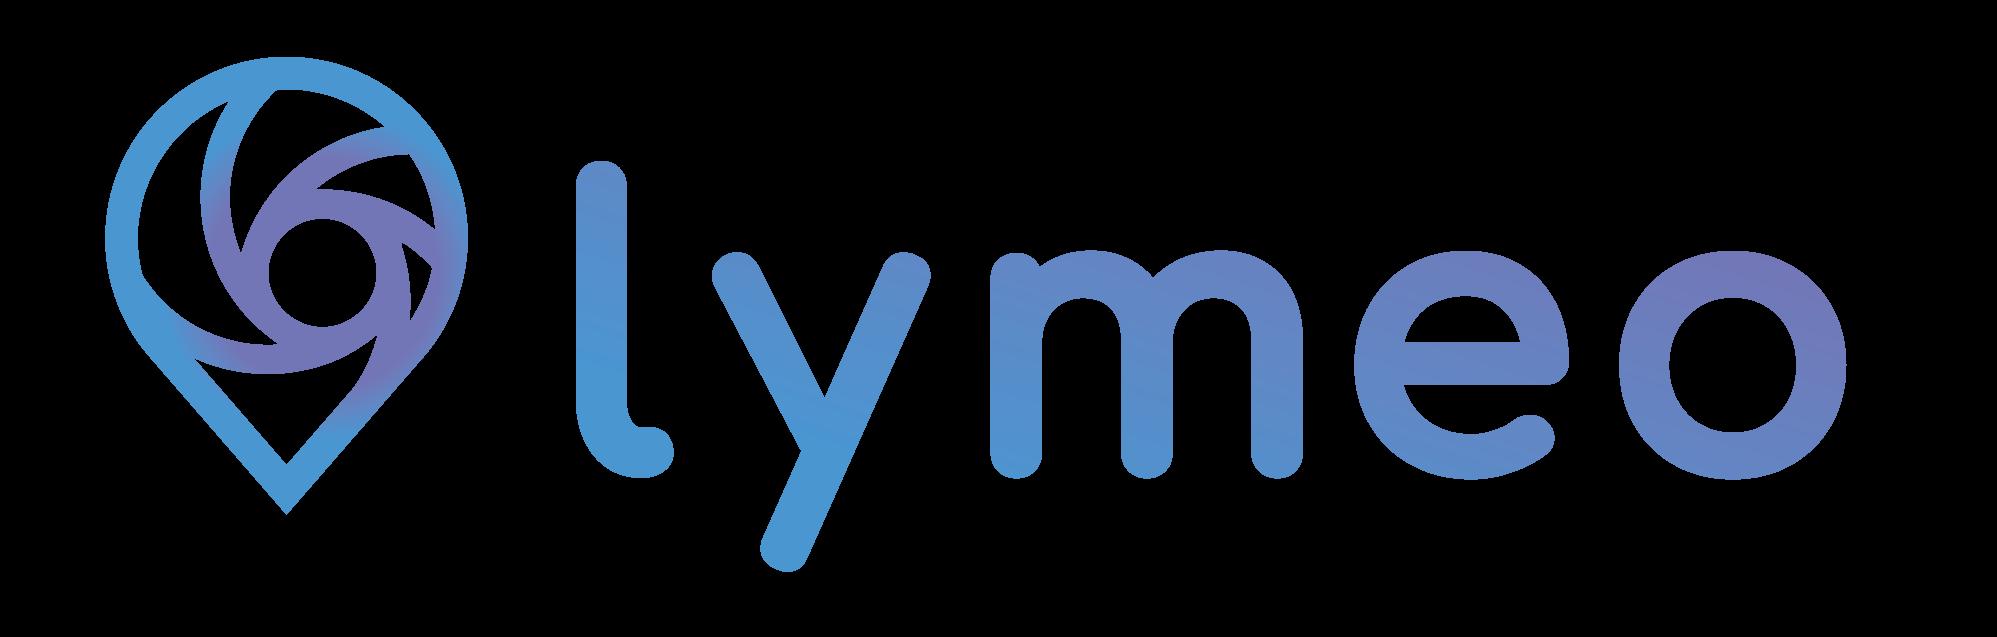 Lymeo